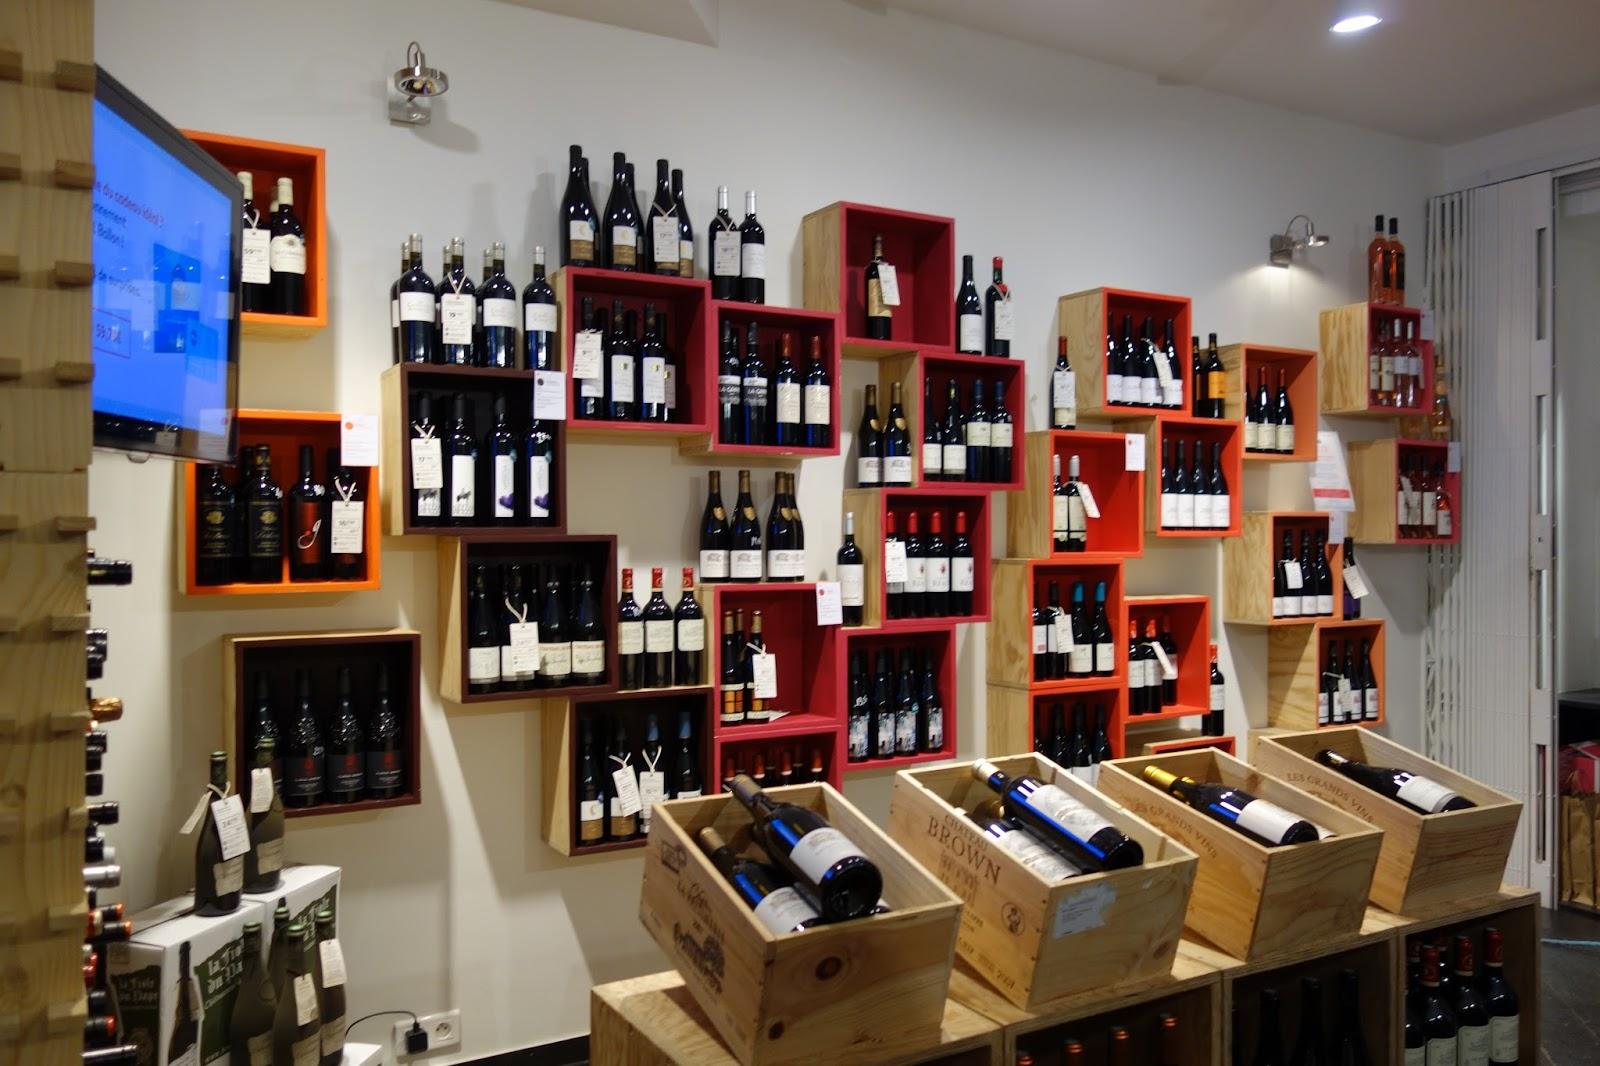 Abonnement vin, la solution pour économiser